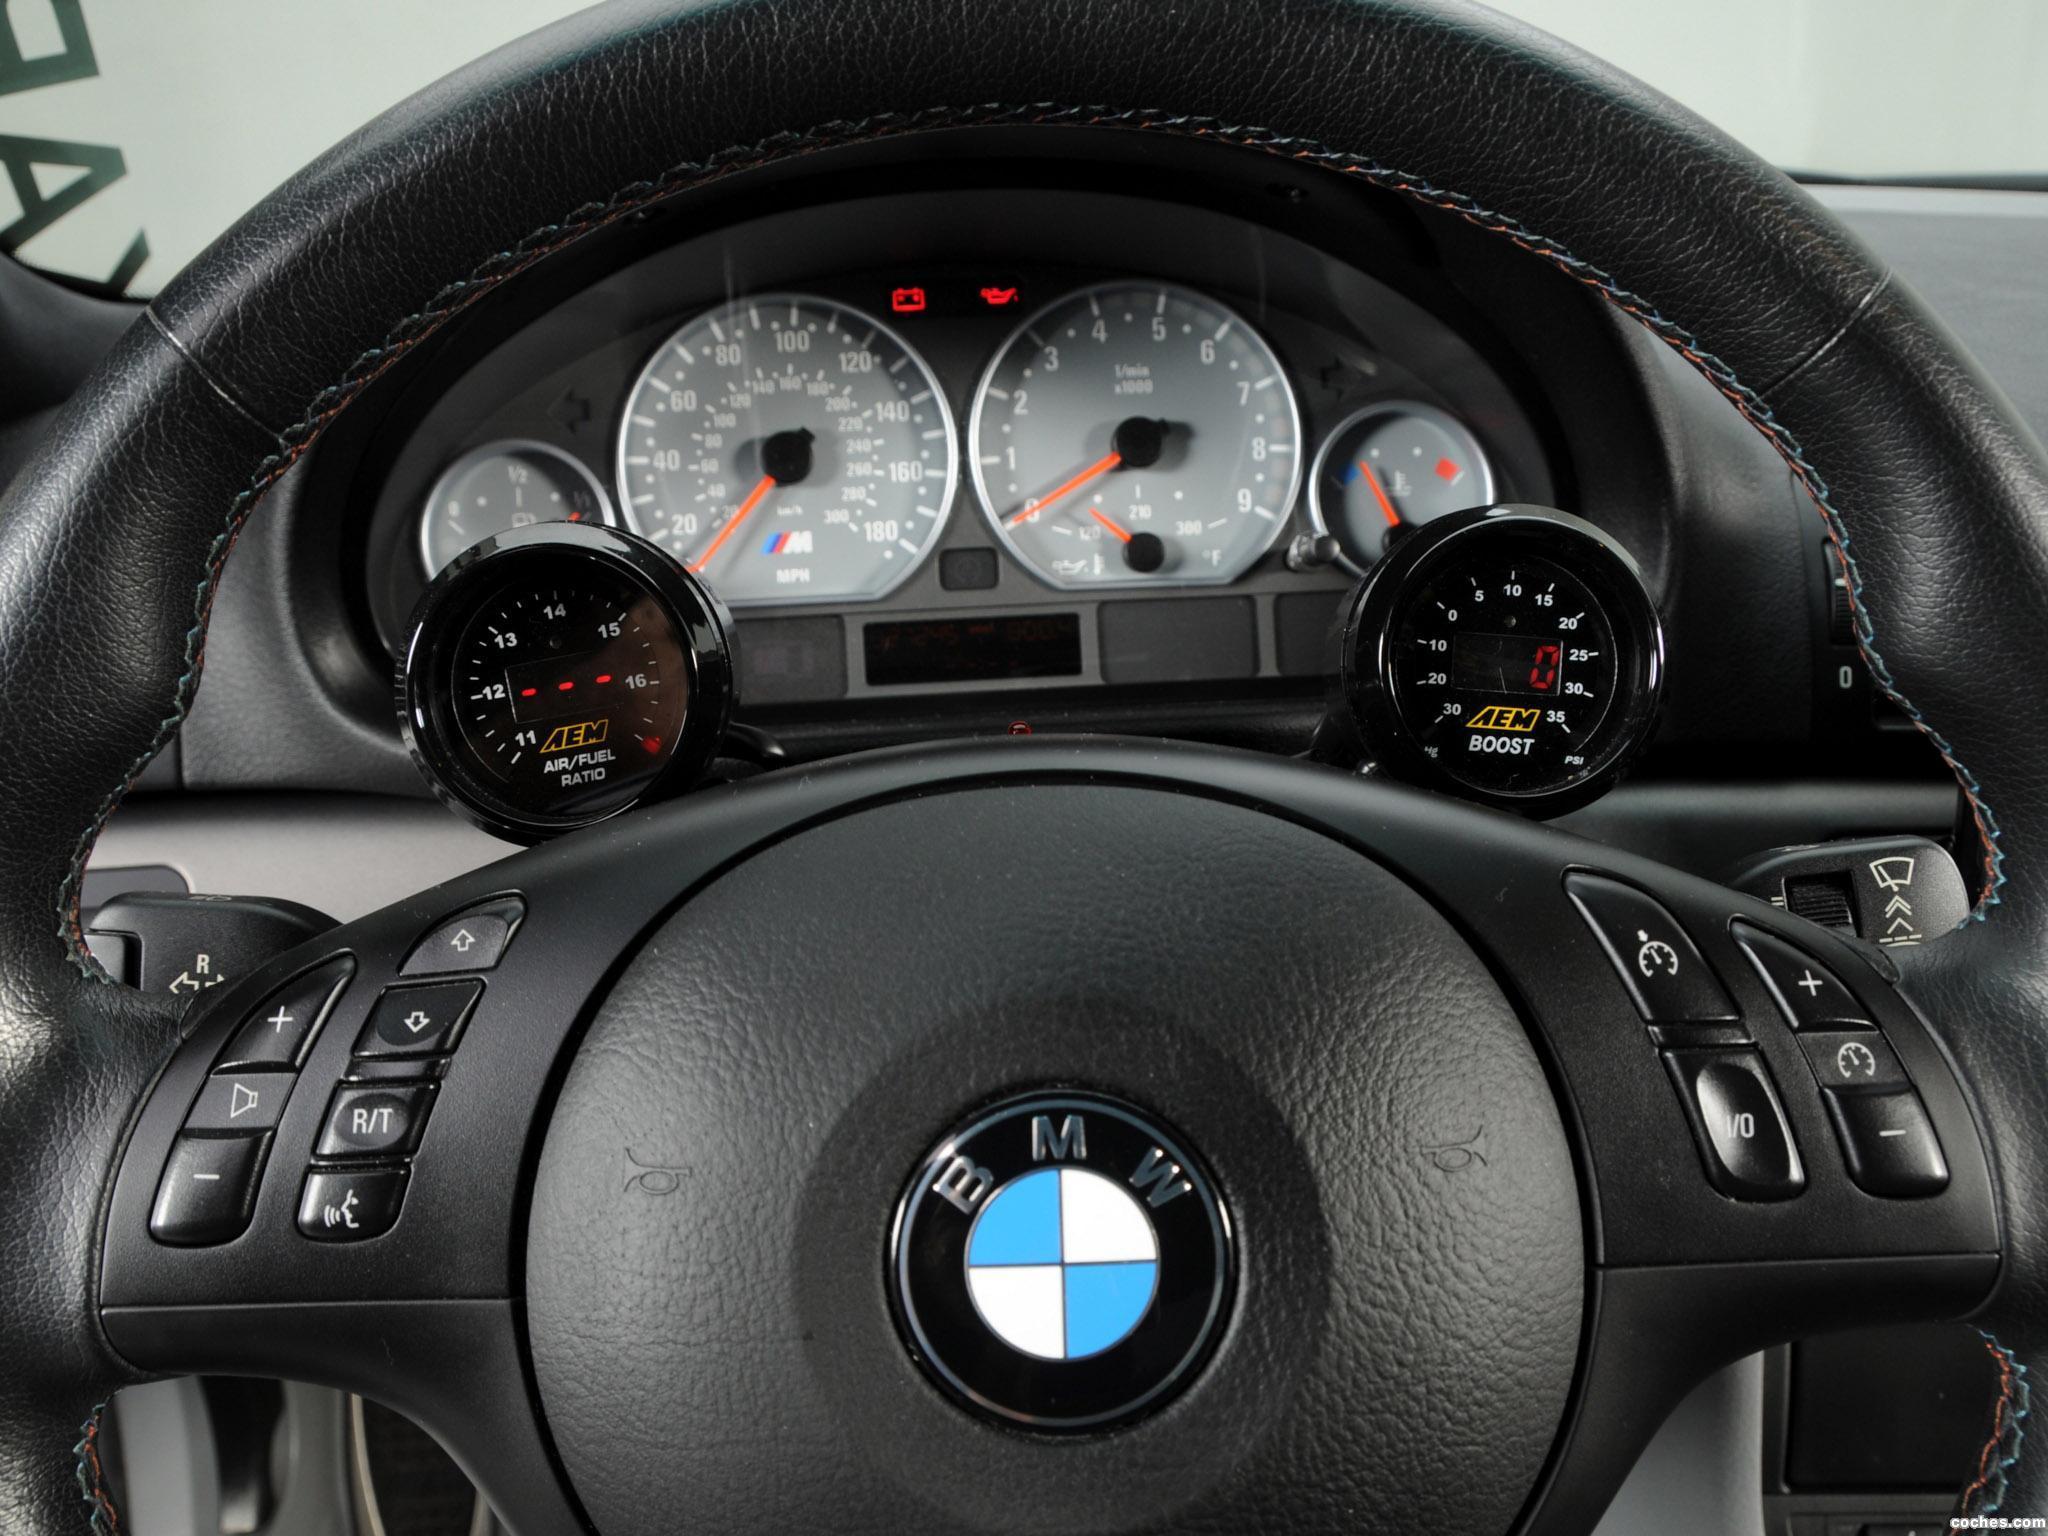 ошибки на приборной панели BMW e46